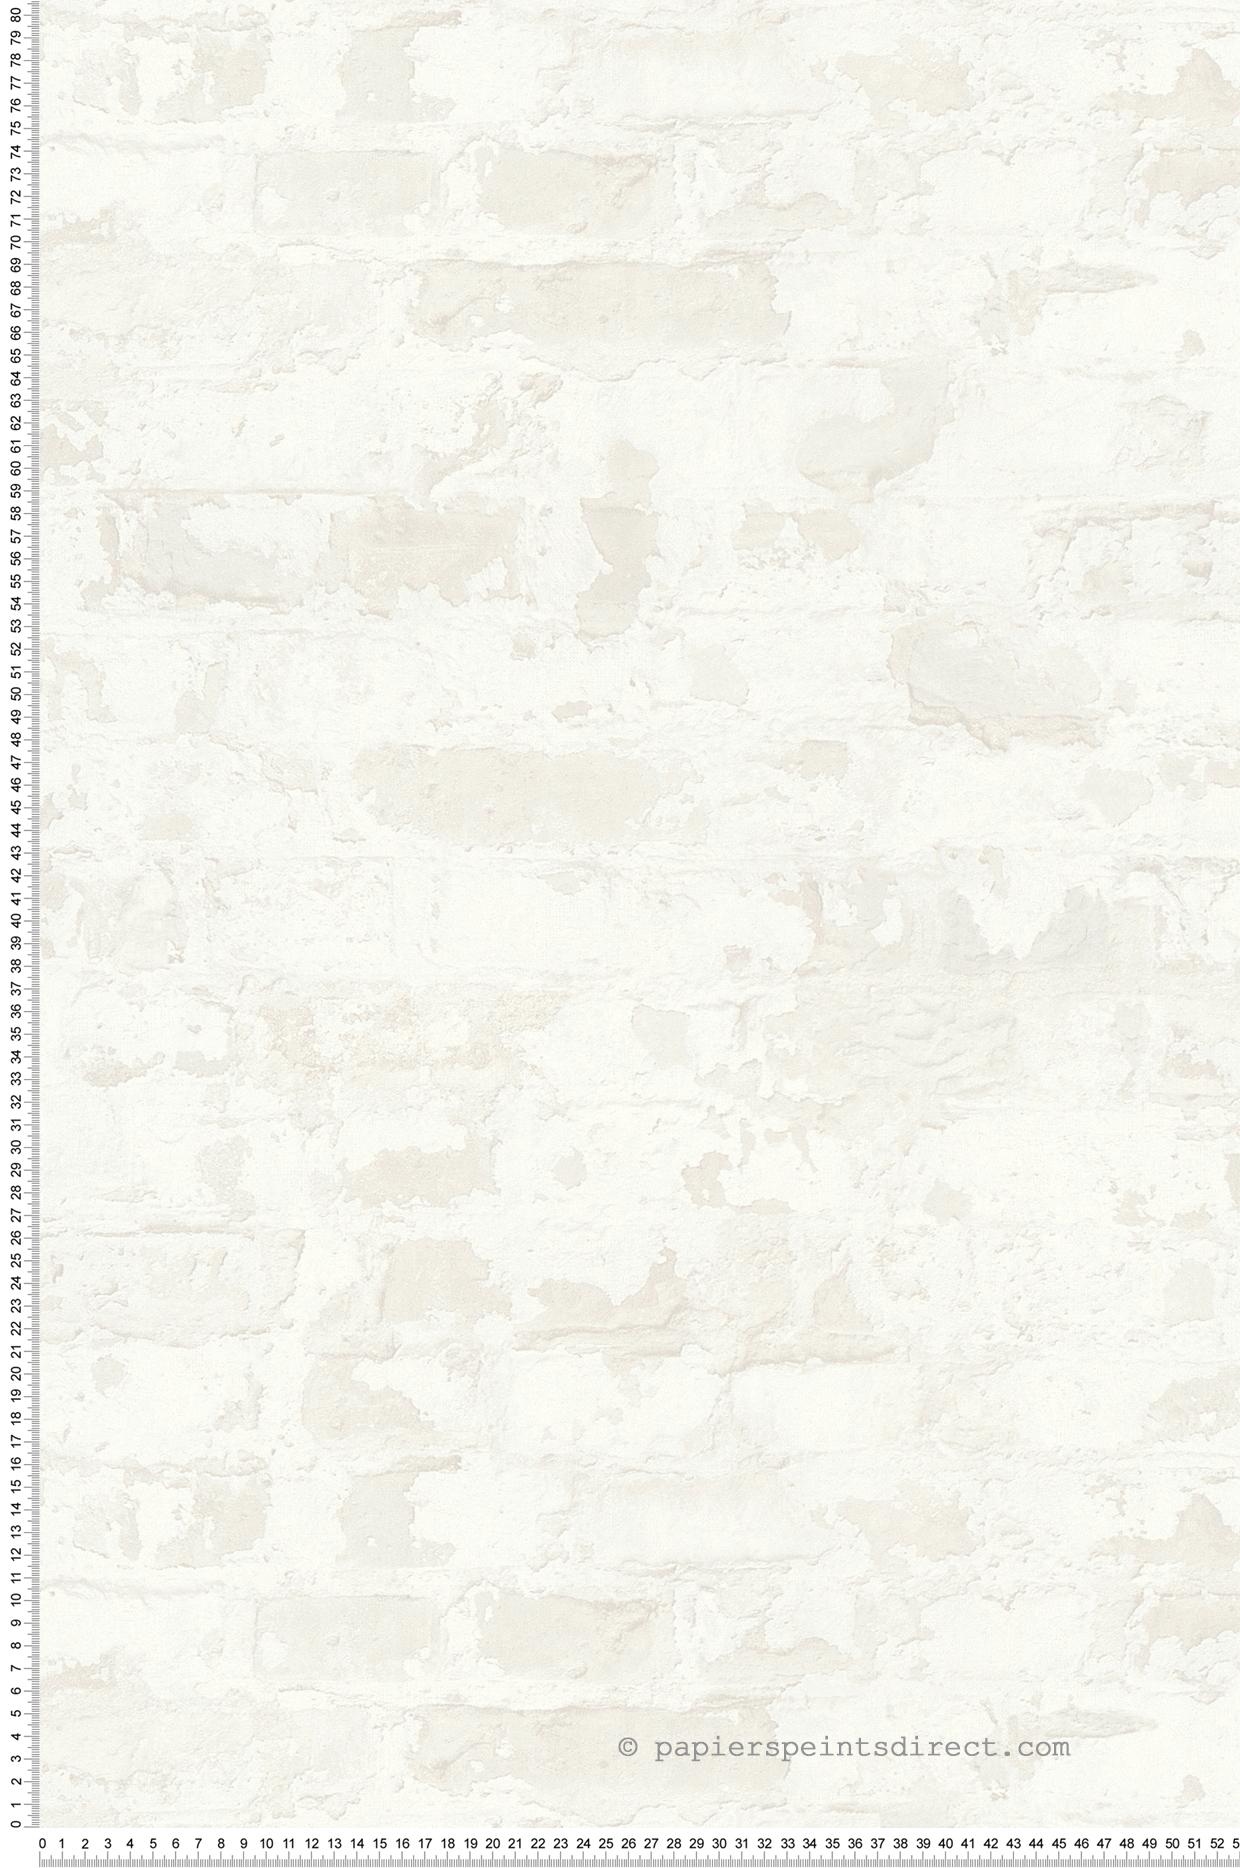 Papier peint Brique usée blanc - Metropolitan Stories d'AS Création   Réf. SP14710